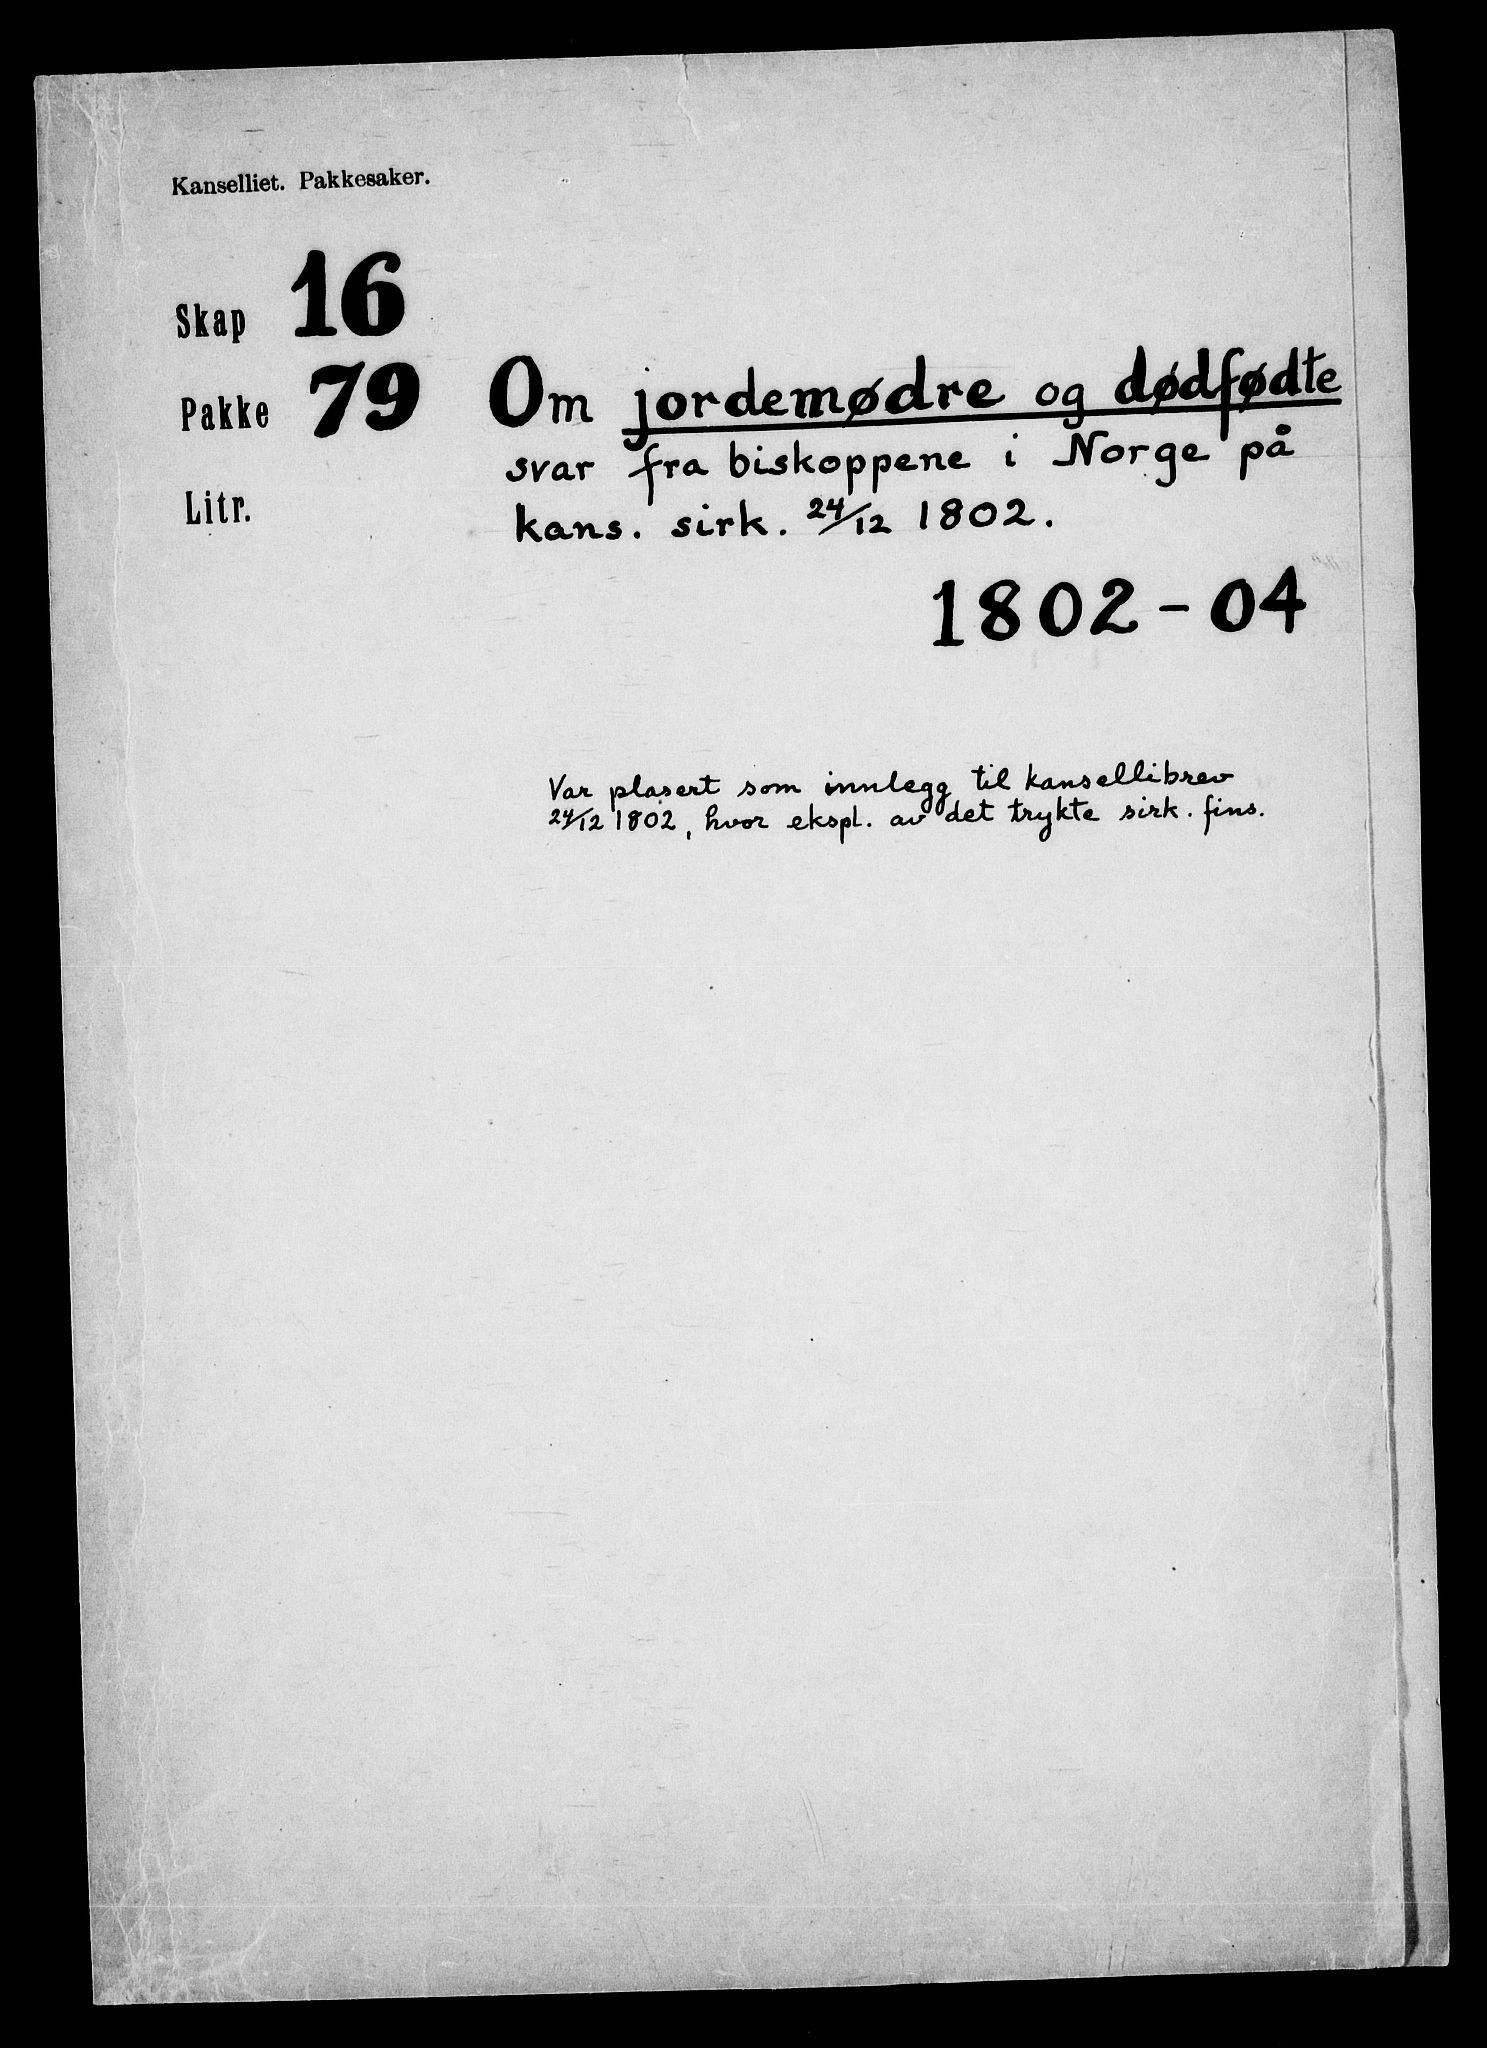 RA, Danske Kanselli, Skapsaker, F/L0128: Skap 16, pakke 77-81, 1797-1804, s. 149